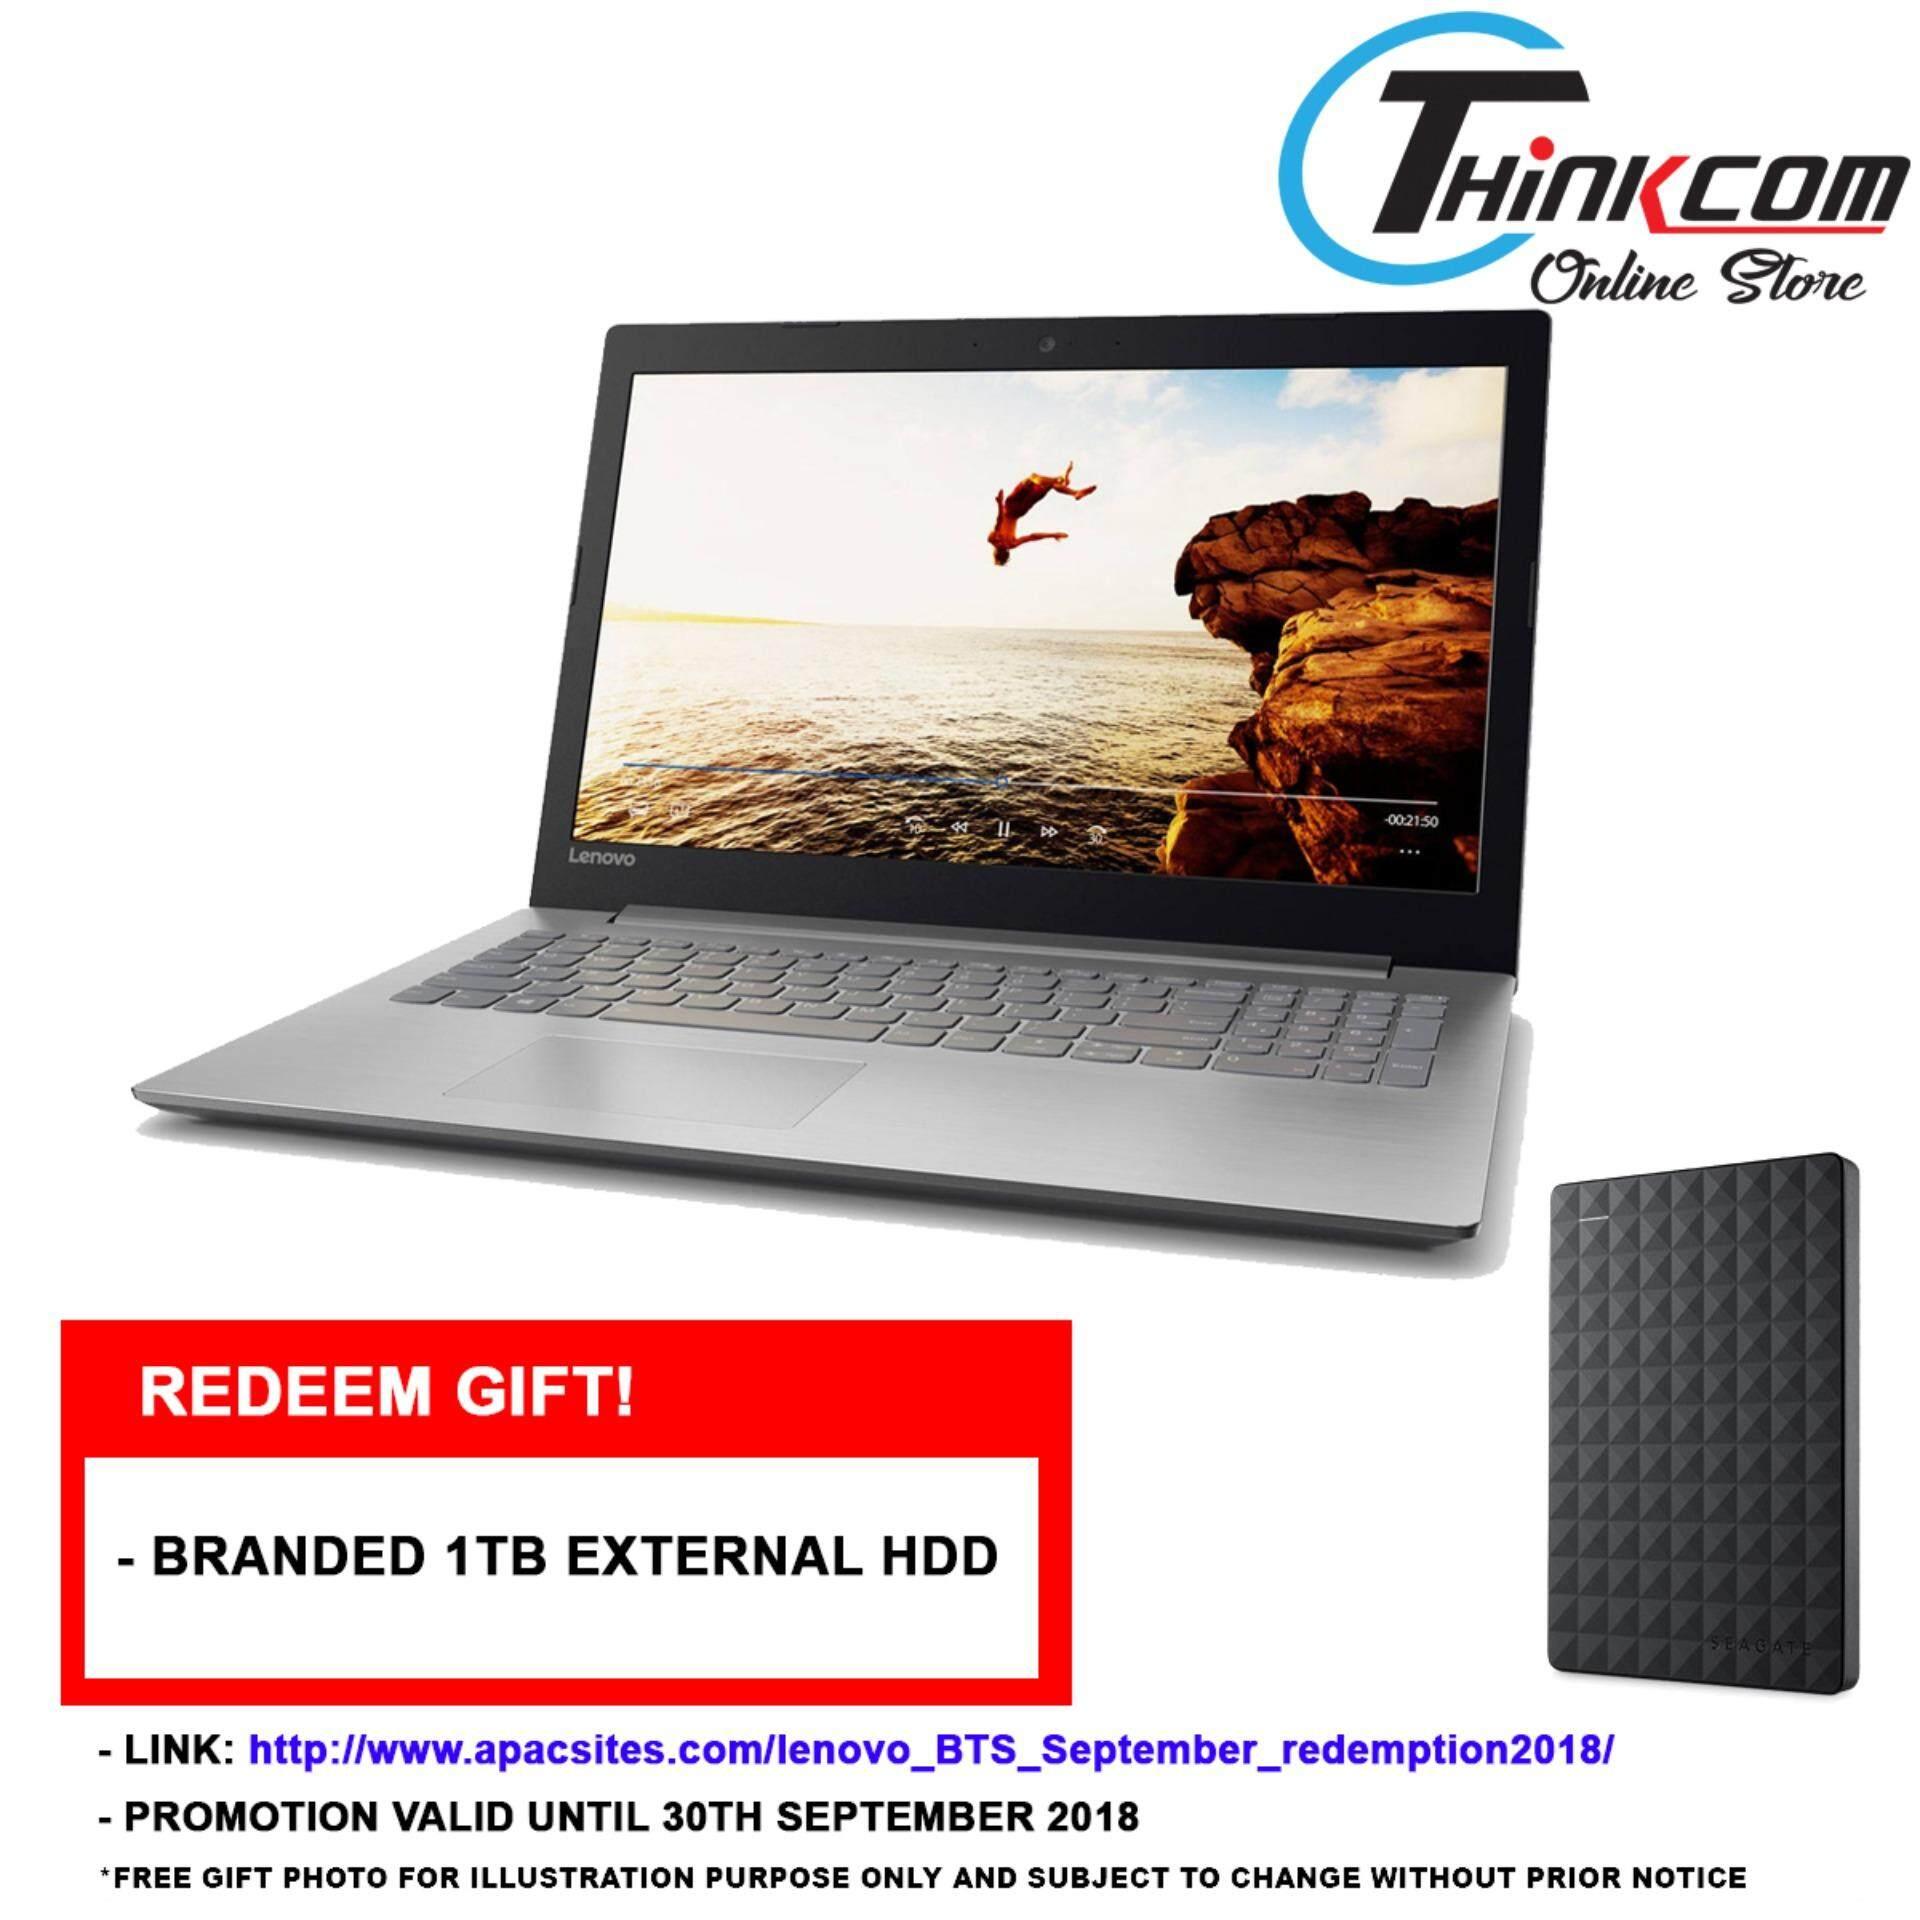 Lenovo Ip110 I5 6200u4gb1tbdvdrwamd Radeon R5 M430 2gb14dos Spec Ideapad 305 Win10 I3 5005 M330 2gb 14 Silver 320 15ikb Platinum Grey Onyx Black Coral Red